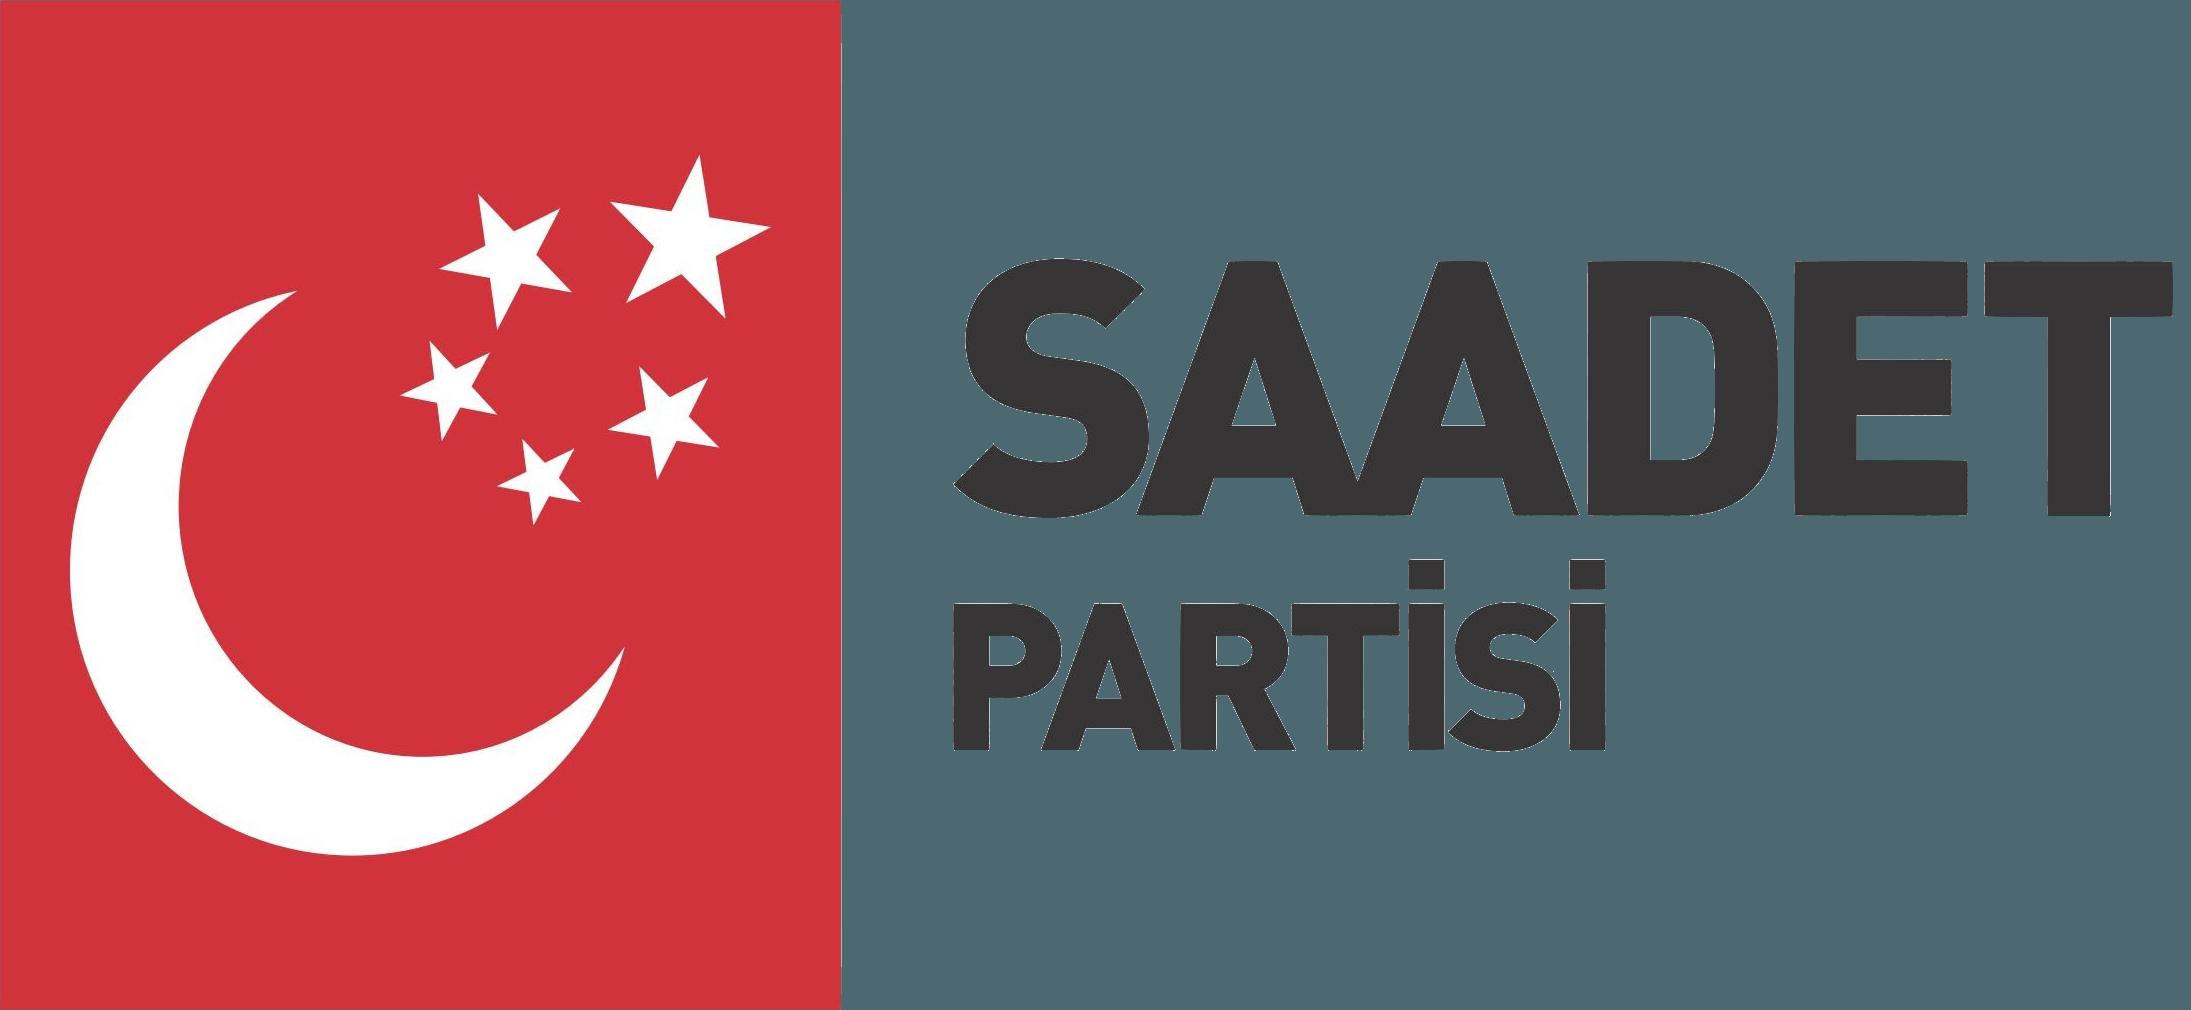 SP   Saadet Partisi Logo [saadet.org.tr] png